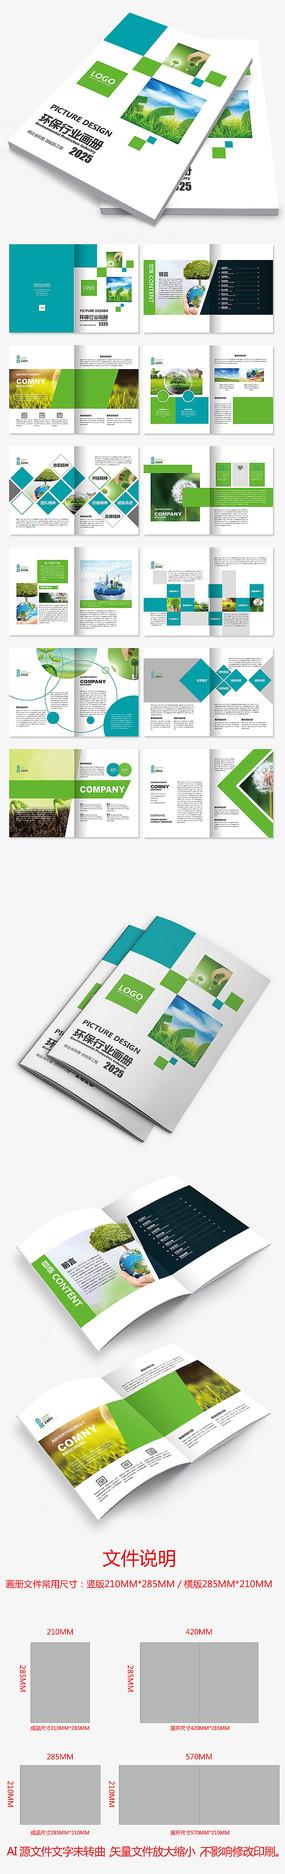 绿色科技环保公宣传册形象封面